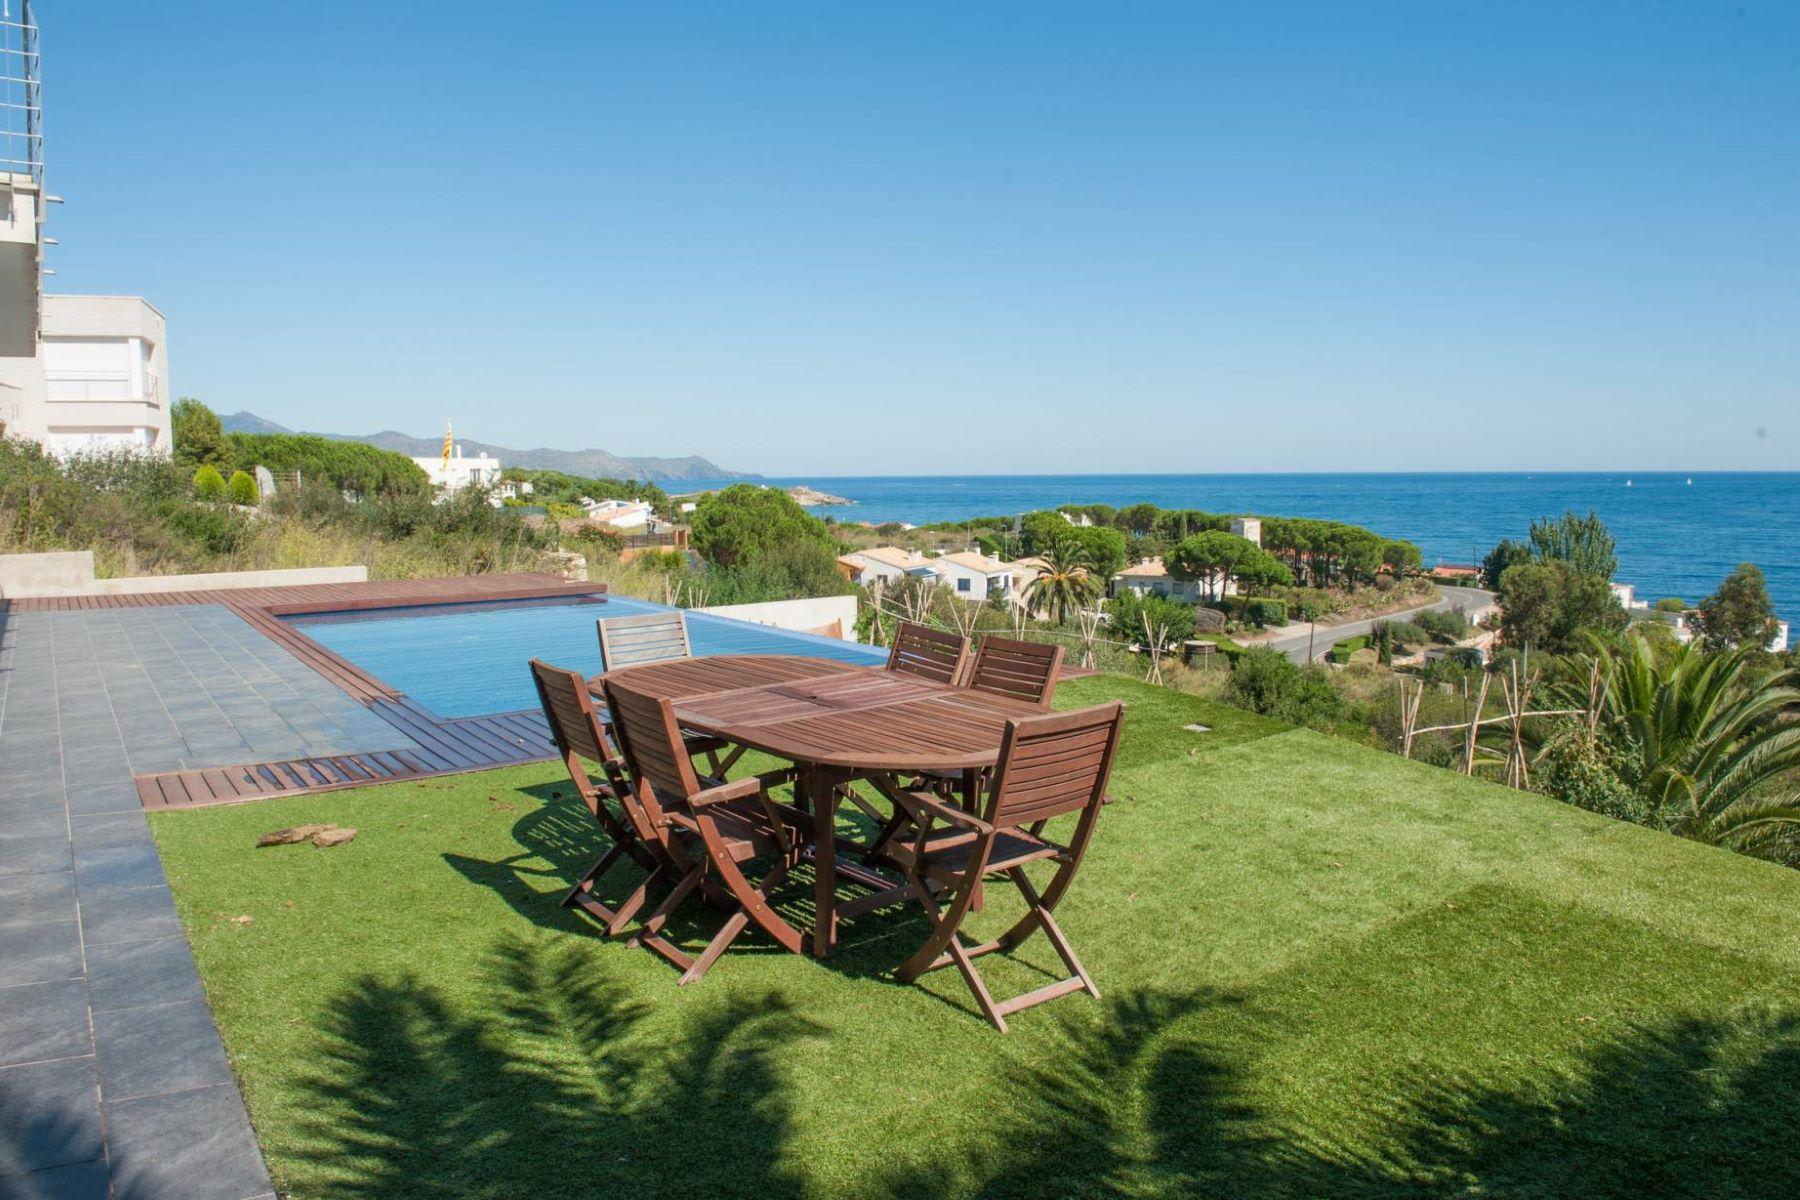 独户住宅 为 销售 在 Outstanding Villa with sea views and close to a marina 埃尔伯尔特德拉萨尔瓦, 科斯塔布拉瓦, 17489 西班牙